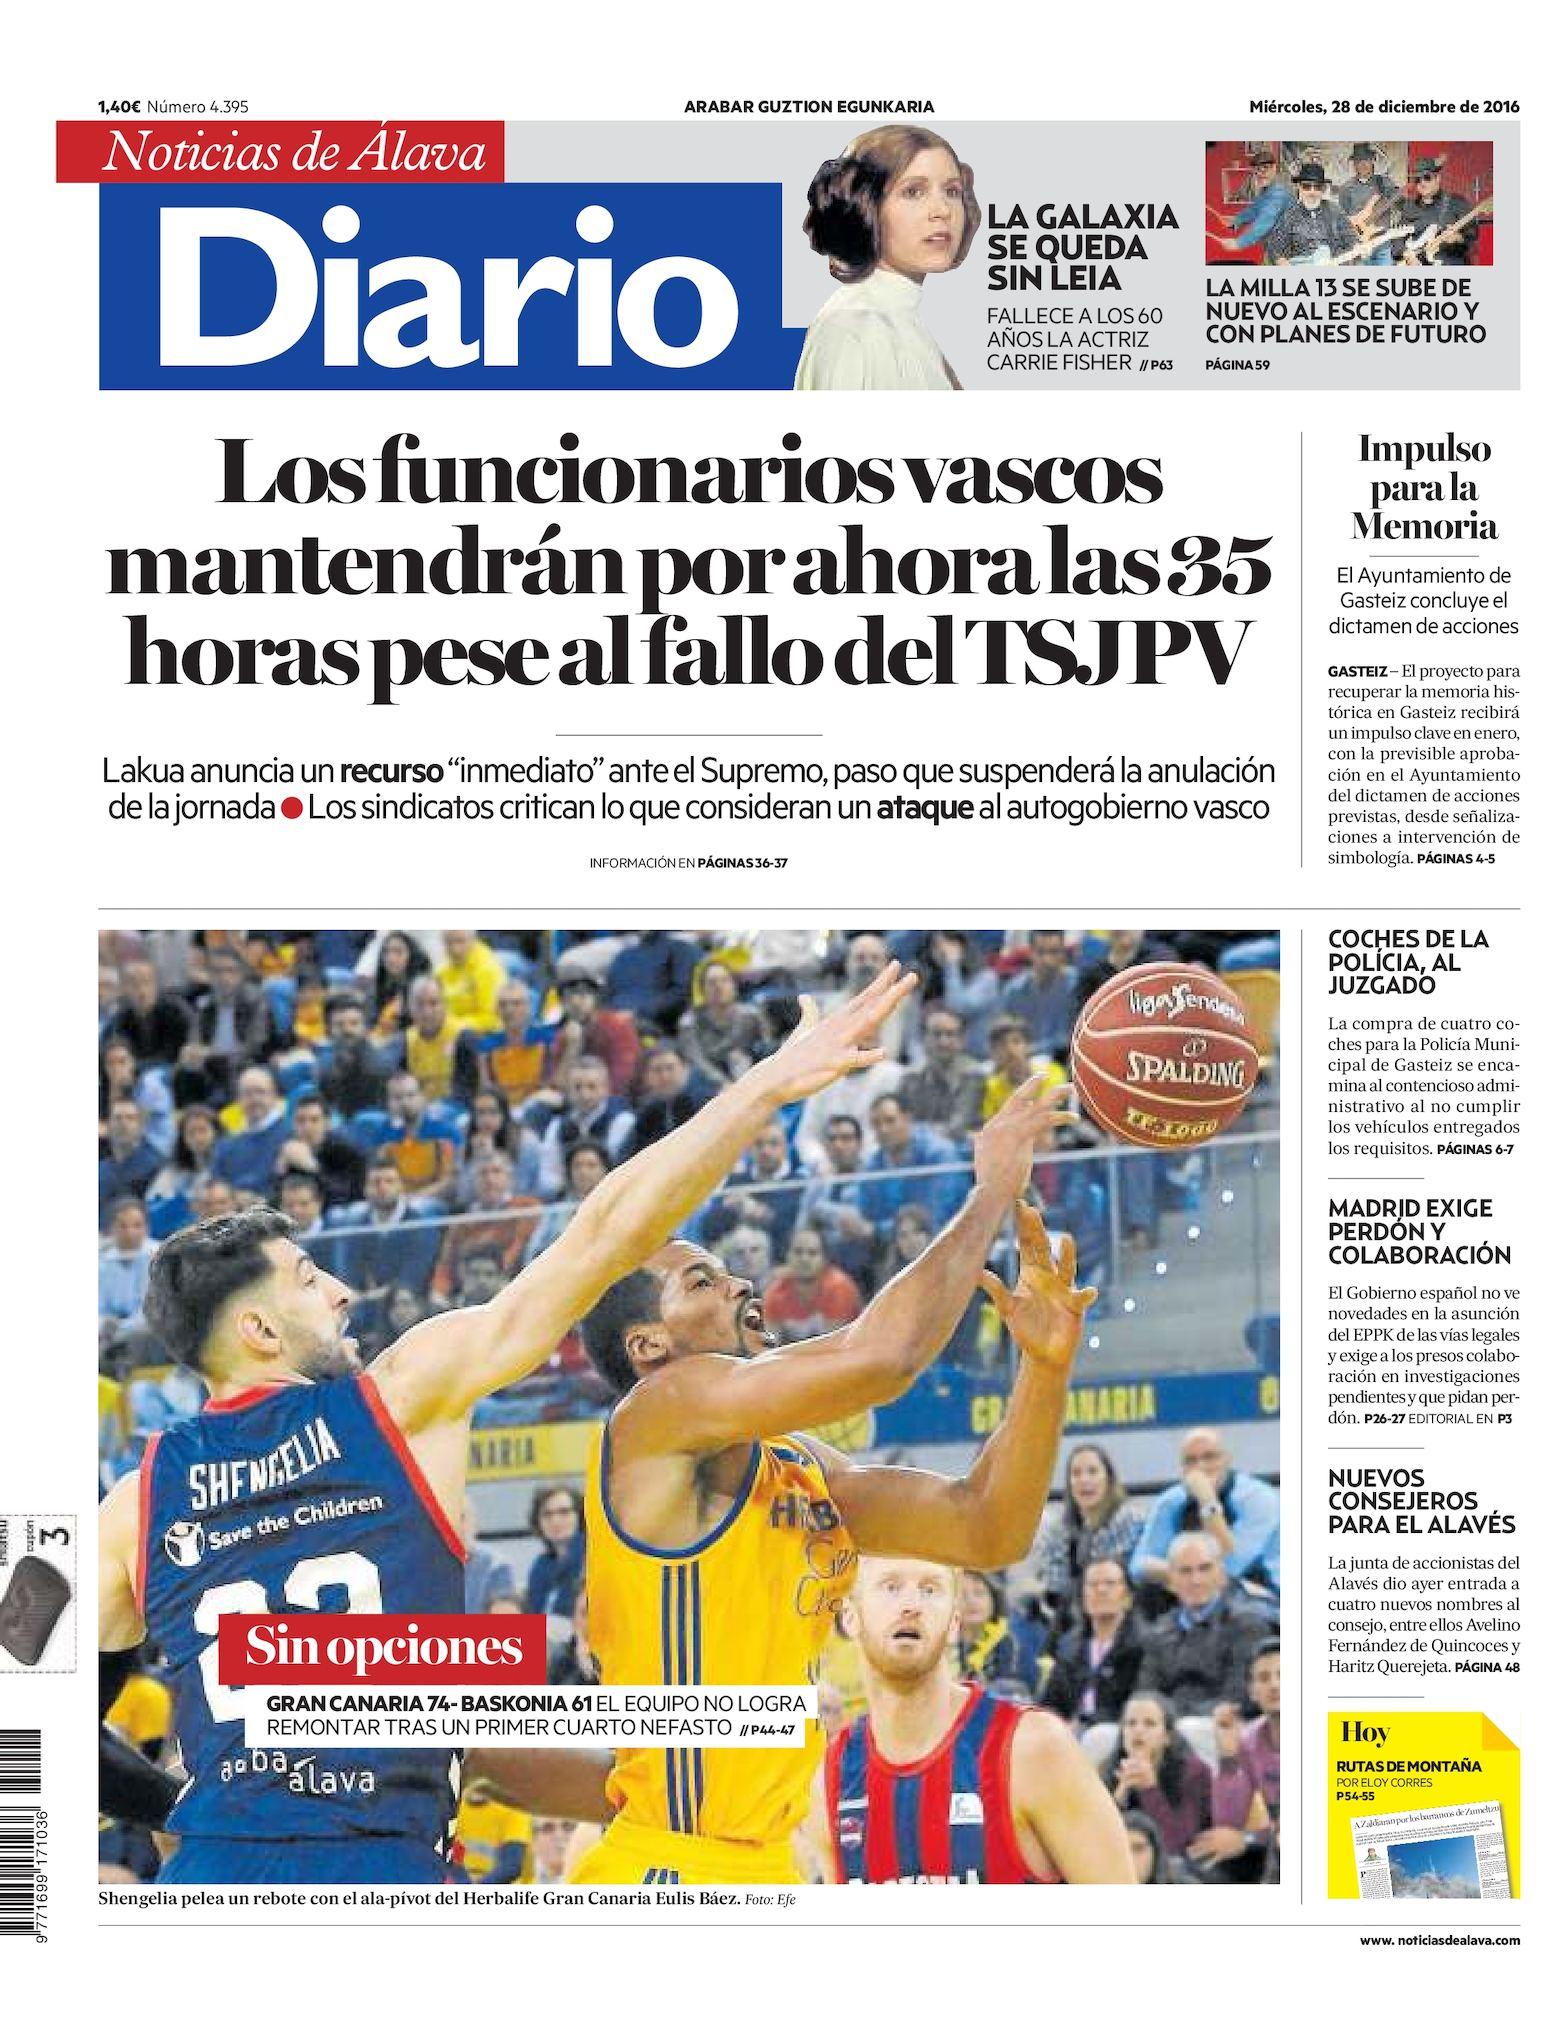 bd478bfc27d4e Calaméo - Diario de Noticias de Álava 20161228